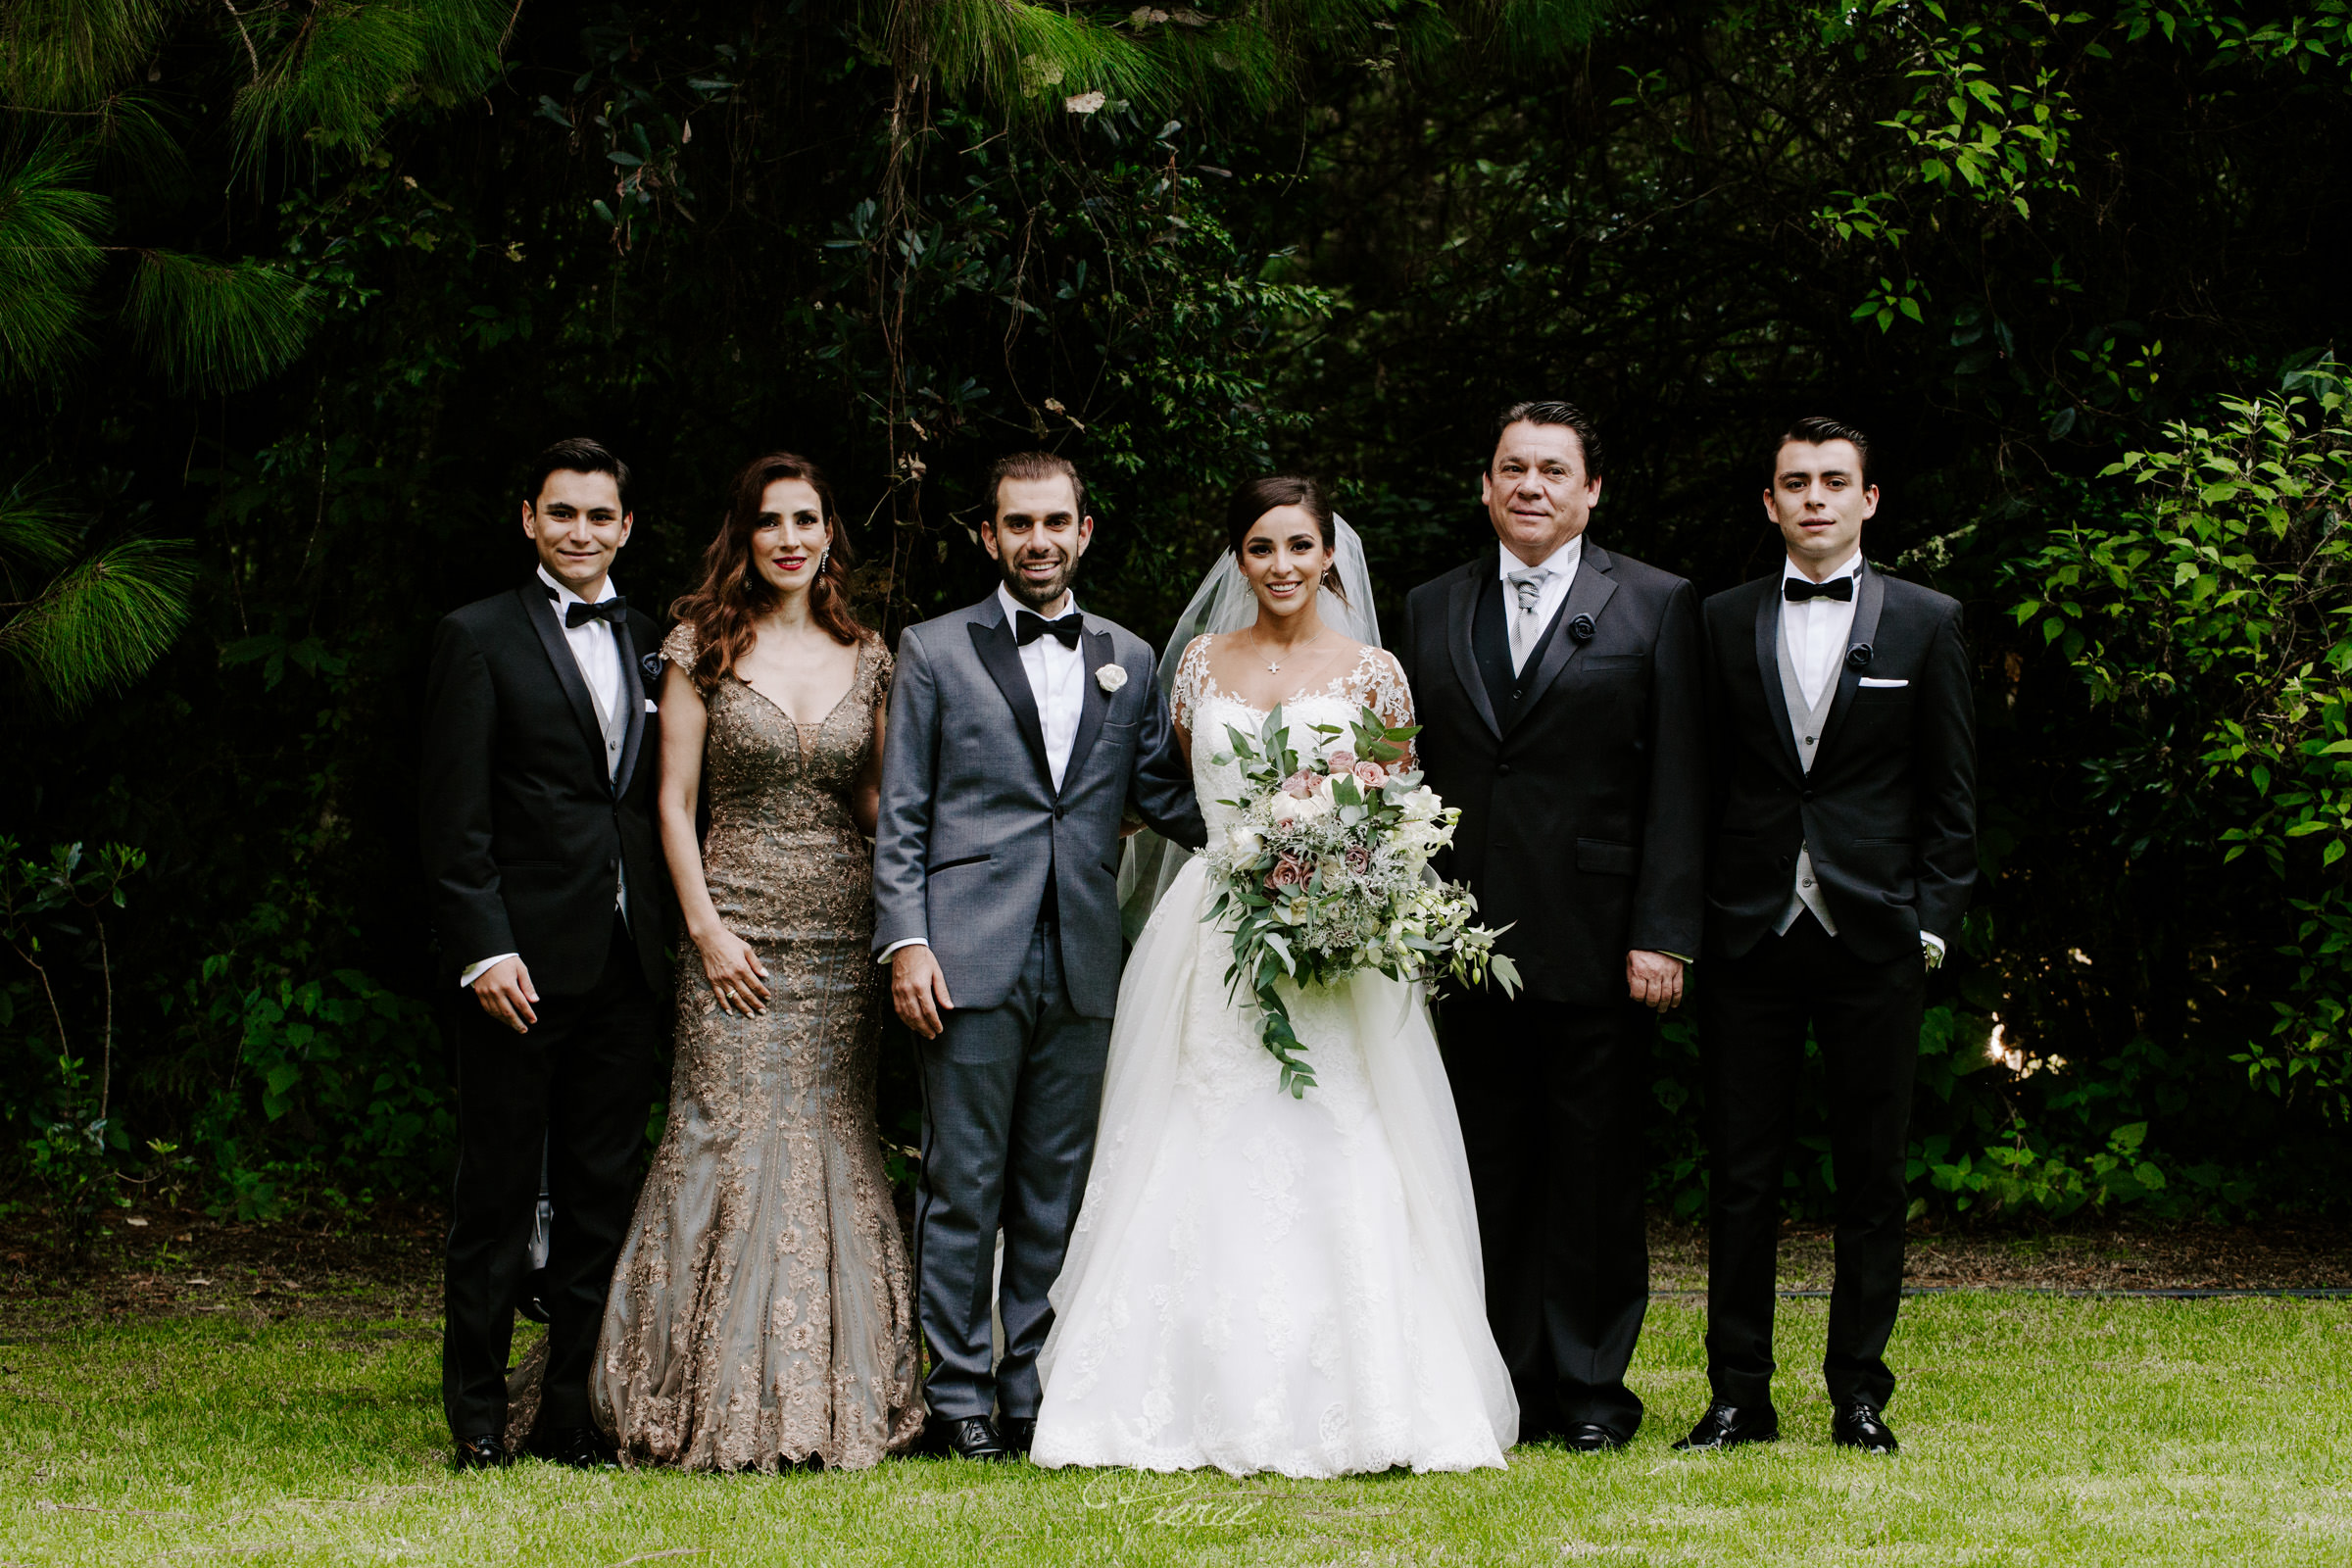 fotografia-de-boda-valle-de-bravo-mexico-rosmarino-pierce-weddings-0065.JPG